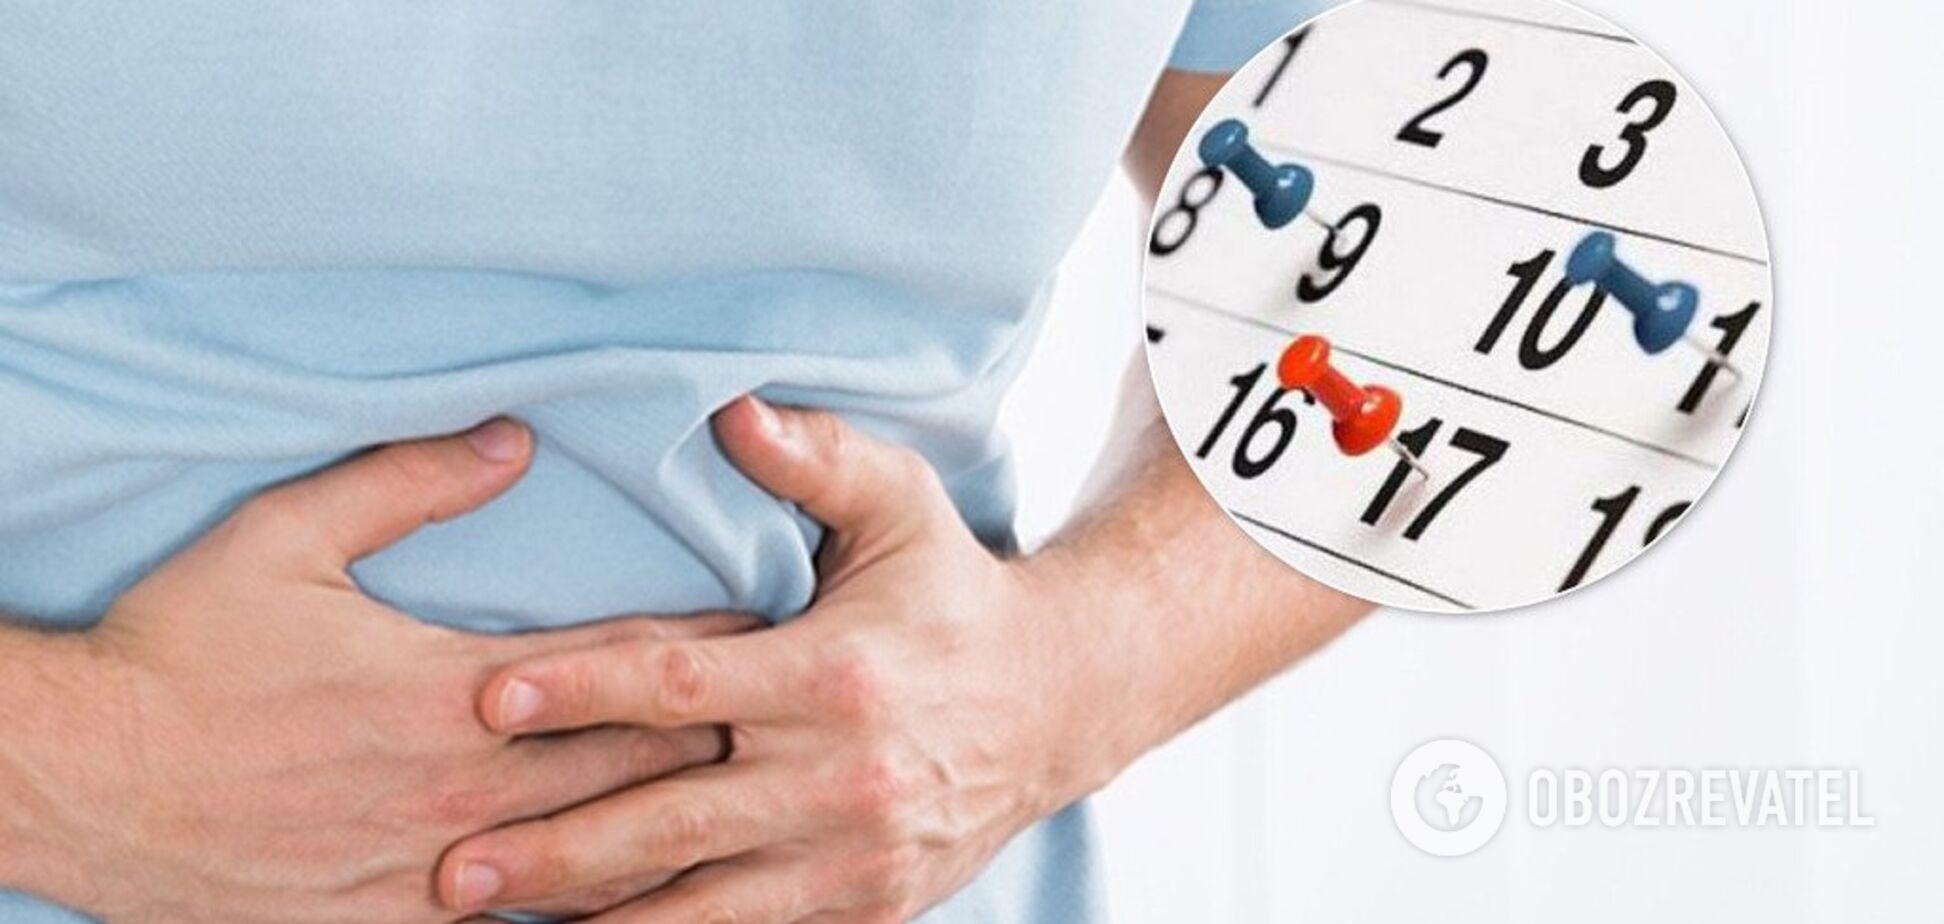 Їсти 3 рази в тиждень: знайдено спосіб знизити ризик раку кишечника